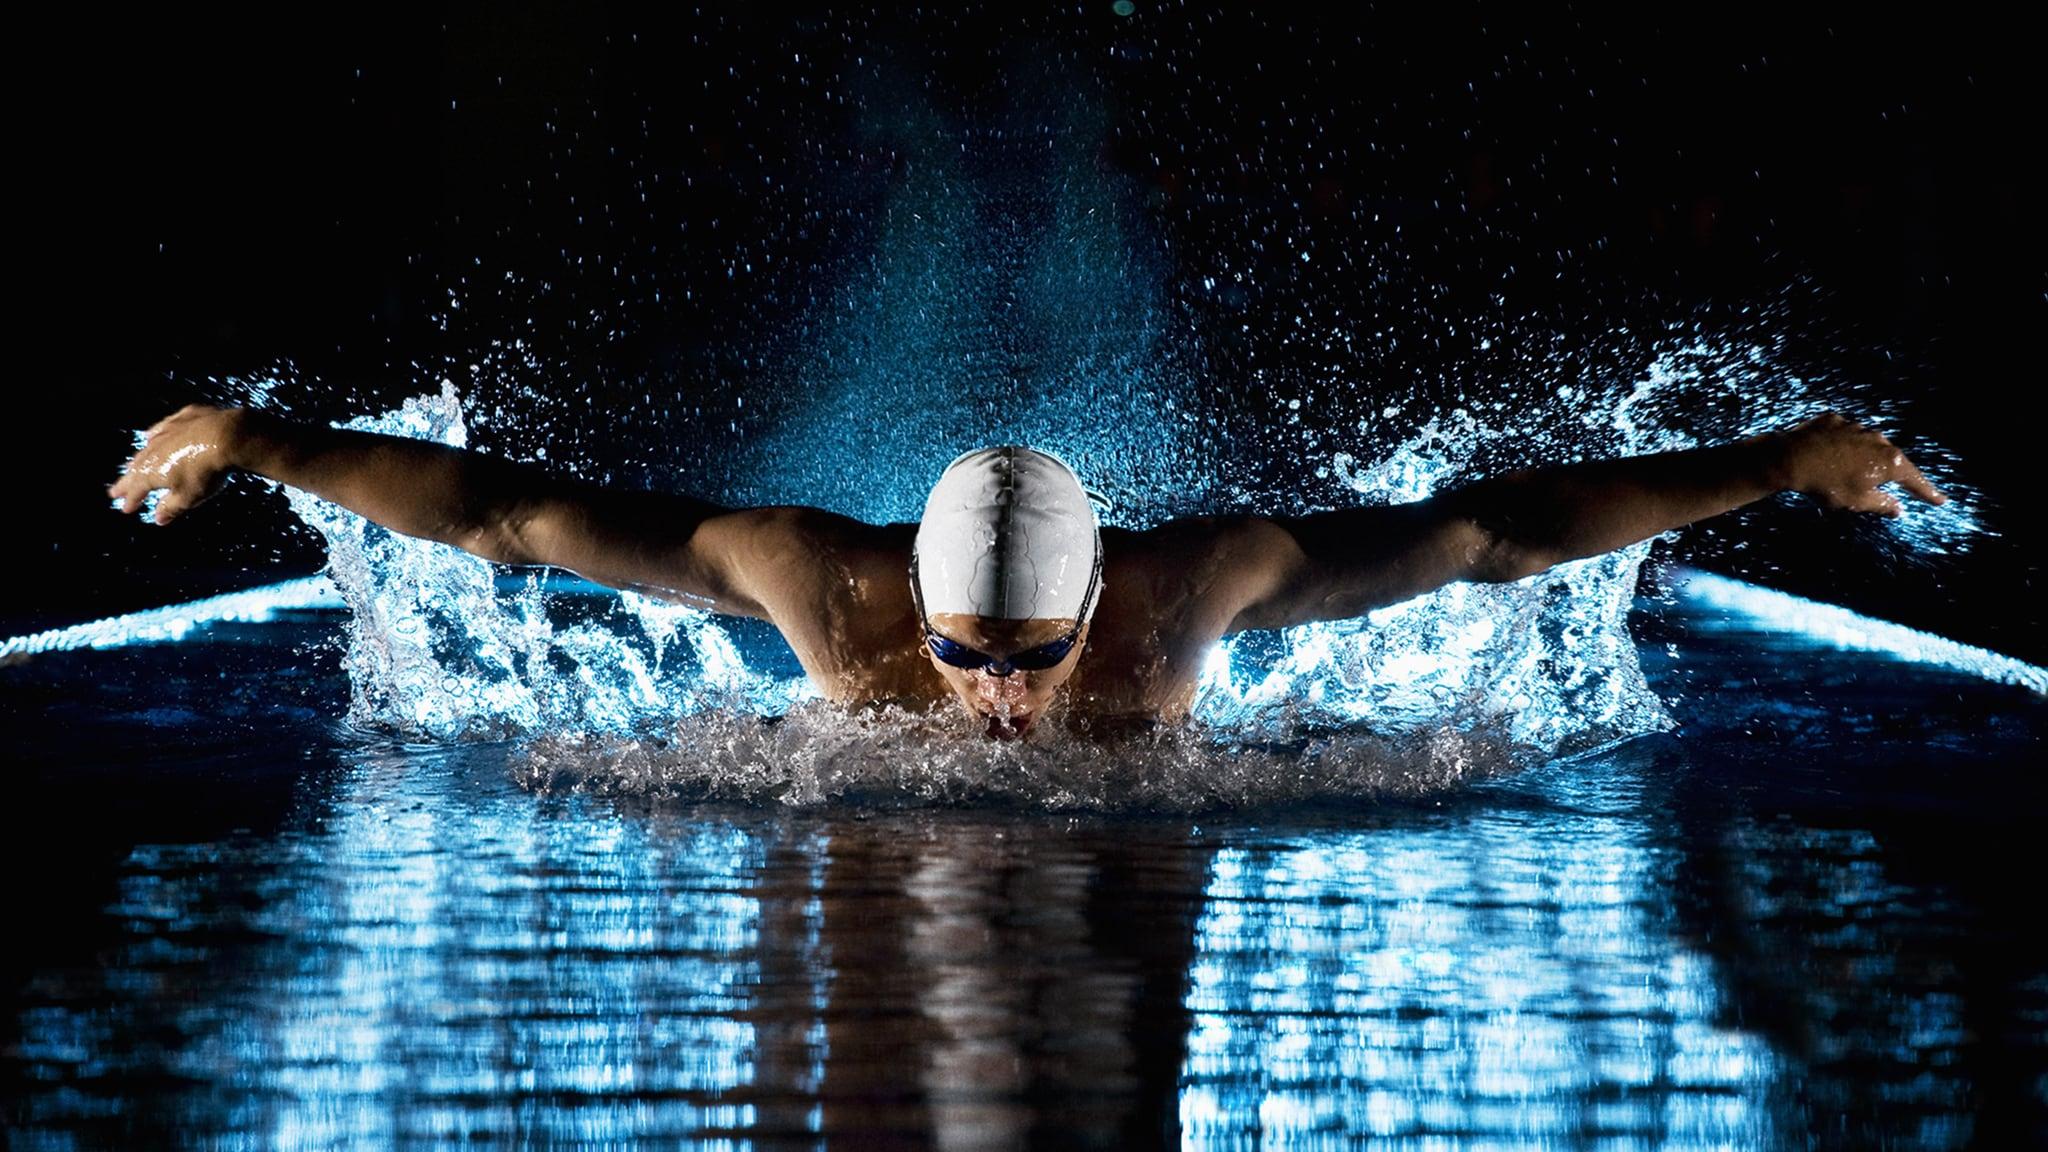 Rai Sport Nuoto 2019: Campionati Europei in Vasca Corta (Glasgow -UK) Semifinali e Finali 1a giornata